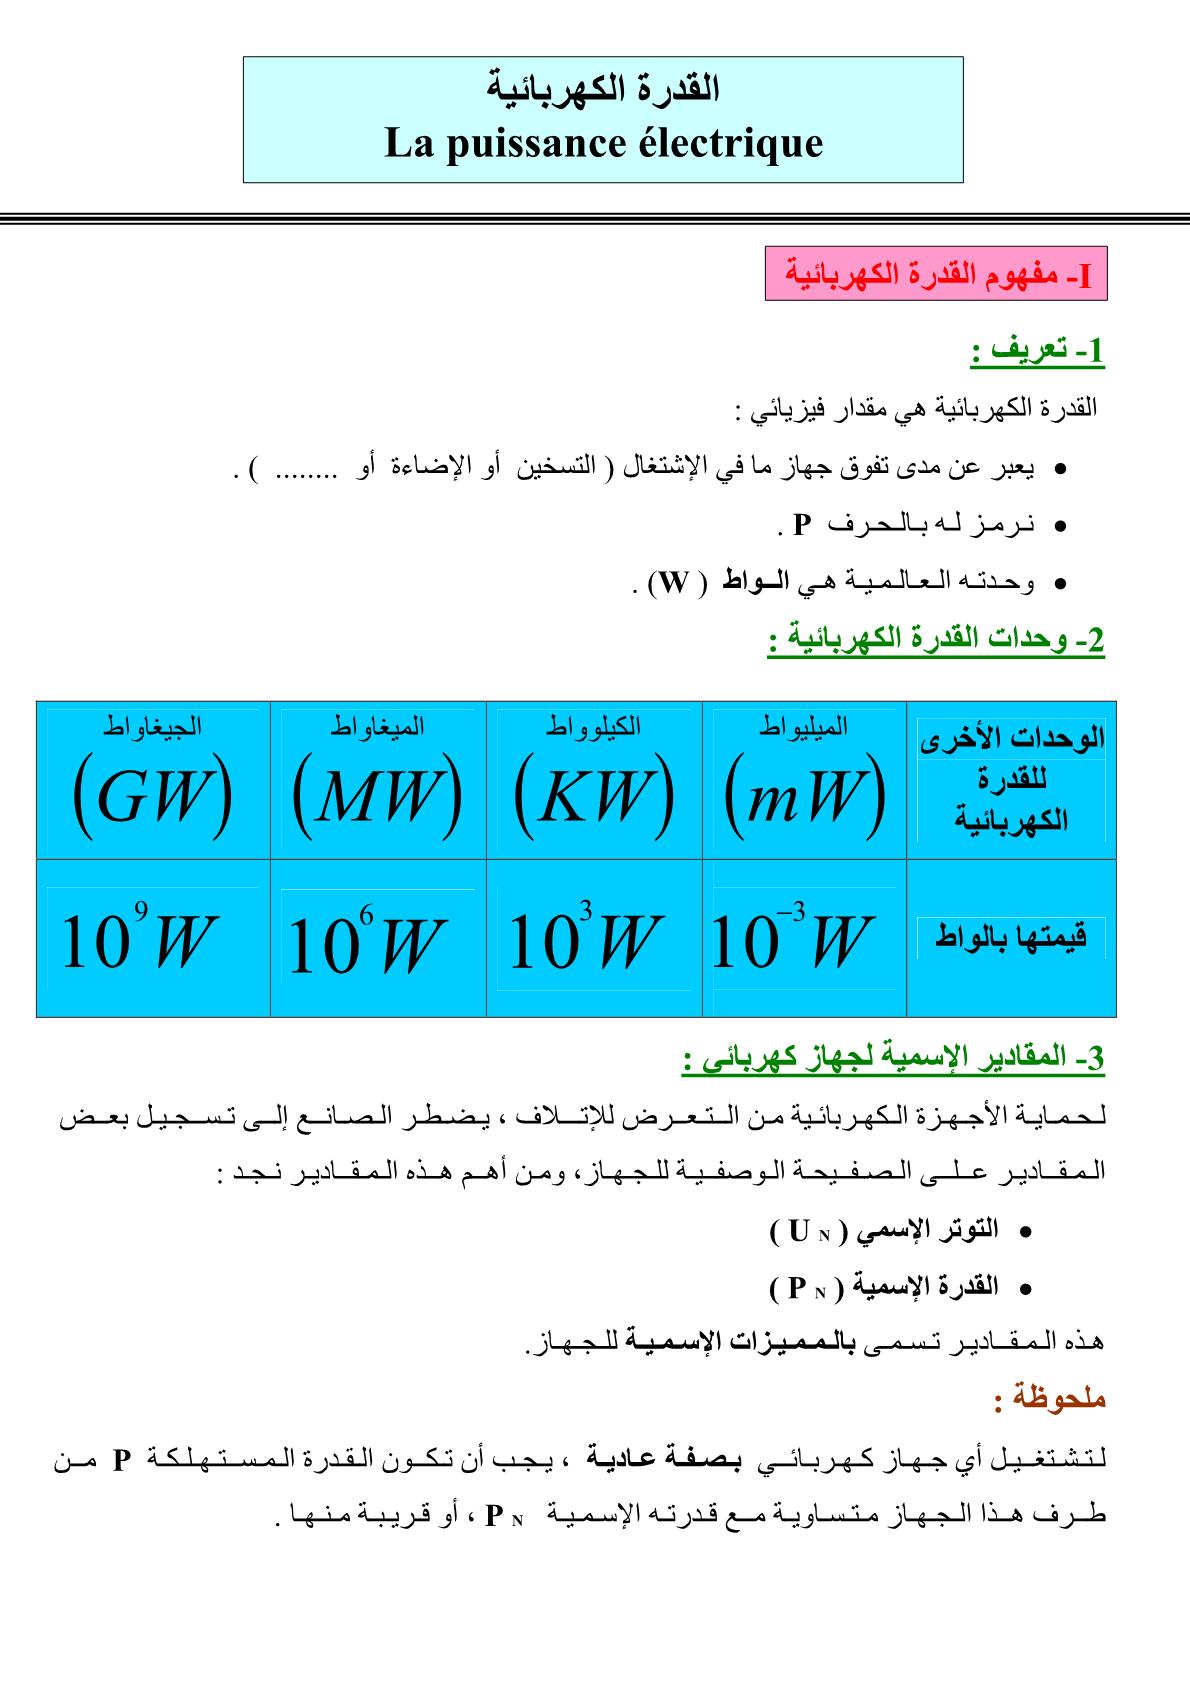 درس القدرة الكهربائية للسنة الثالثة اعدادي مادة الفيزياء والكيمياء